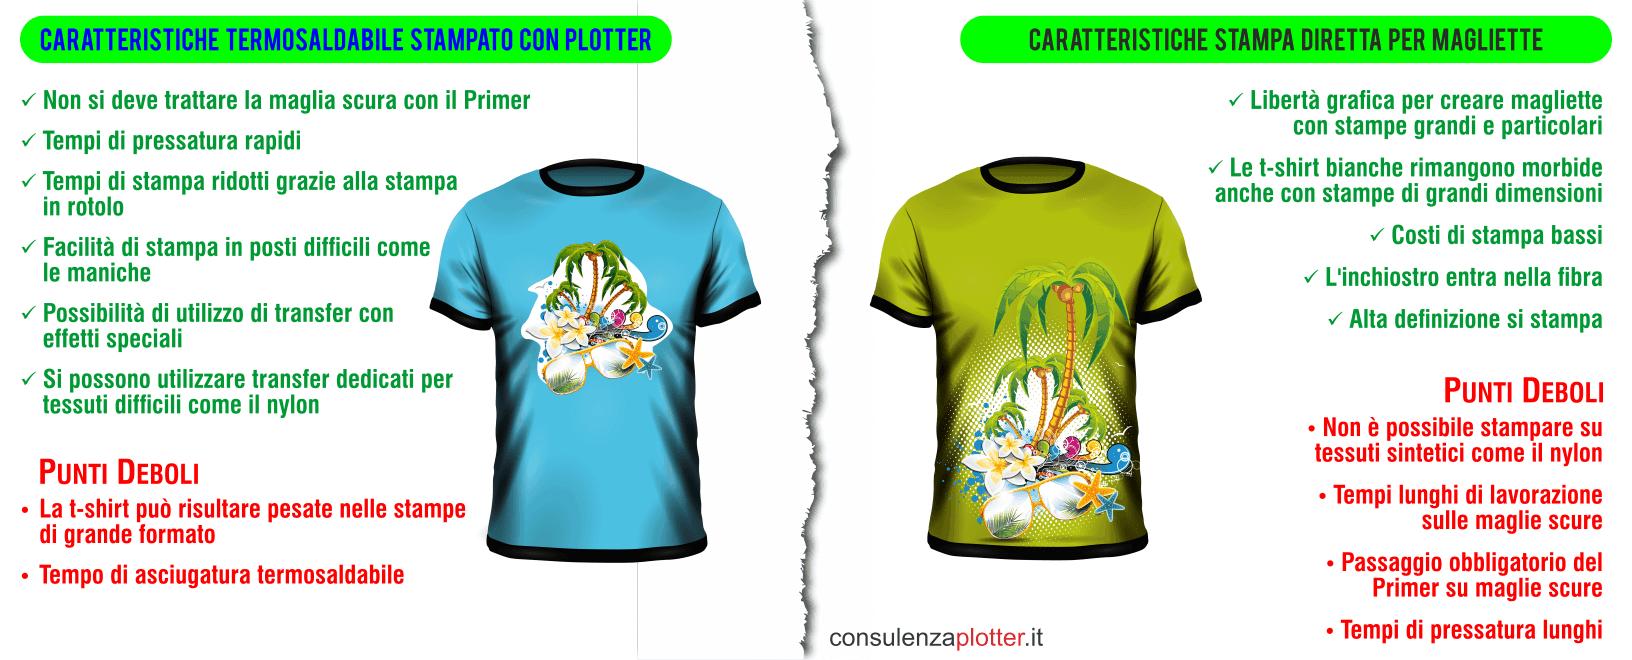 nuova versione modellazione duratura a basso costo Cosa scegliere tra Stampante per Magliette e Plotter da ...